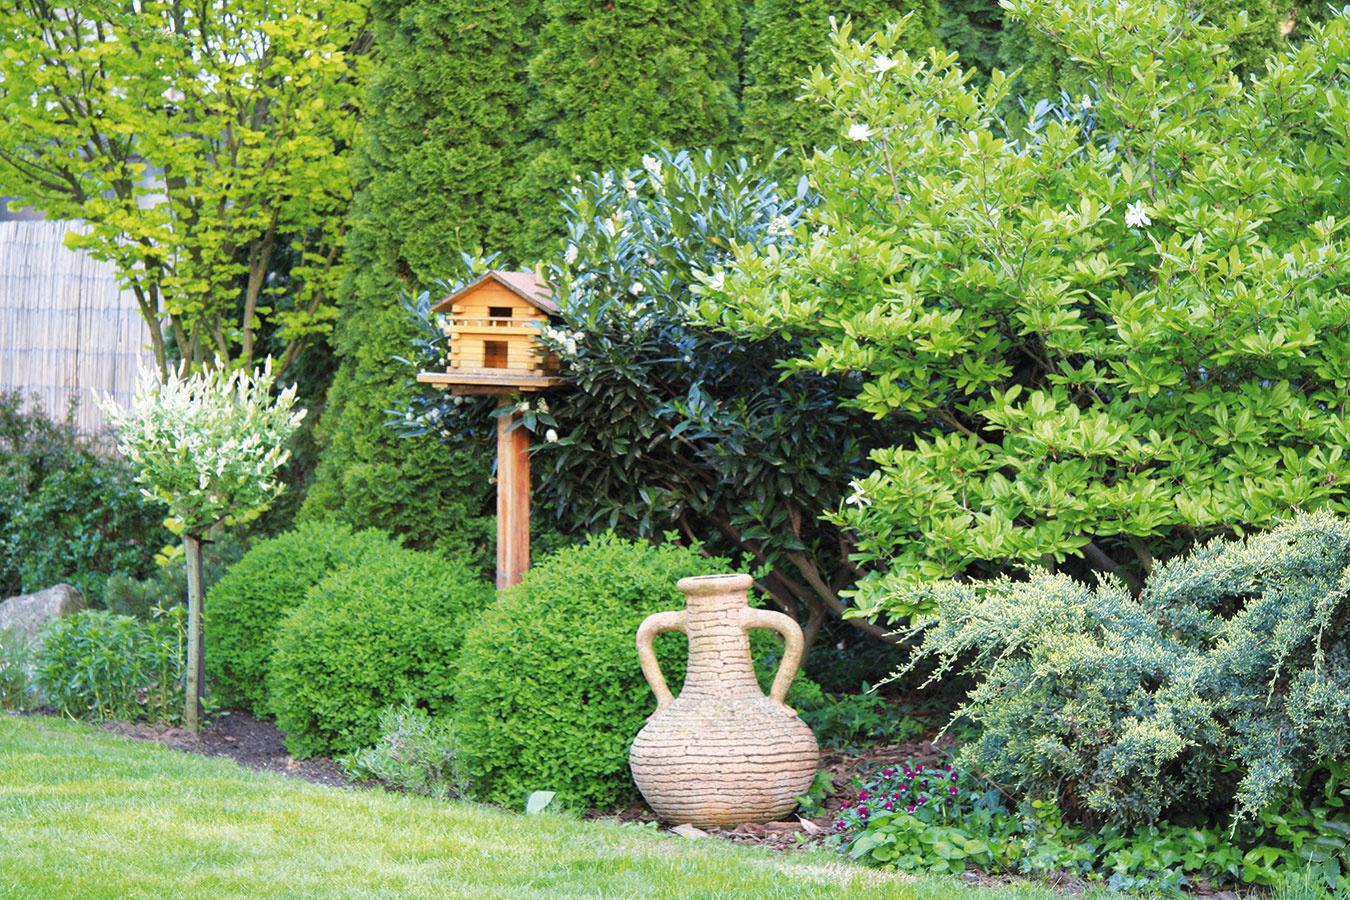 Výber dekorácií predstavuje pomyselnú bodku za budovaním záhrady. Ich sortiment je vsúčasnosti naozaj pestrý aurčite si vyberú milovníci rozmanitých štýlov. Mnohé dekorácie sú už naozaj kvalitne povrchovo upravené, atak môžu zostať vzáhrade počas celého roka. Pri ich výbere sa oplatí držať pravidla menej je viac asmnožstvom dekoratívnych predmetov to určite nepreháňať. Jedna vkusná hodnotnejšia dekorácia alebo umelecký predmet vpodobe sochy alebo plastiky vynikne oveľa viac ako veľké množstvo nesúrodých  drobností. Srozvahou treba pristupovať kvoľbe záhradného nábytku. Skôr sa oplatí investovať do kvalitnejšej súpravy od overeného dodávateľa, ktorá vám vydrží dlhé roky. Aj pri výbere nábytku myslite na celkový charakter záhrady.